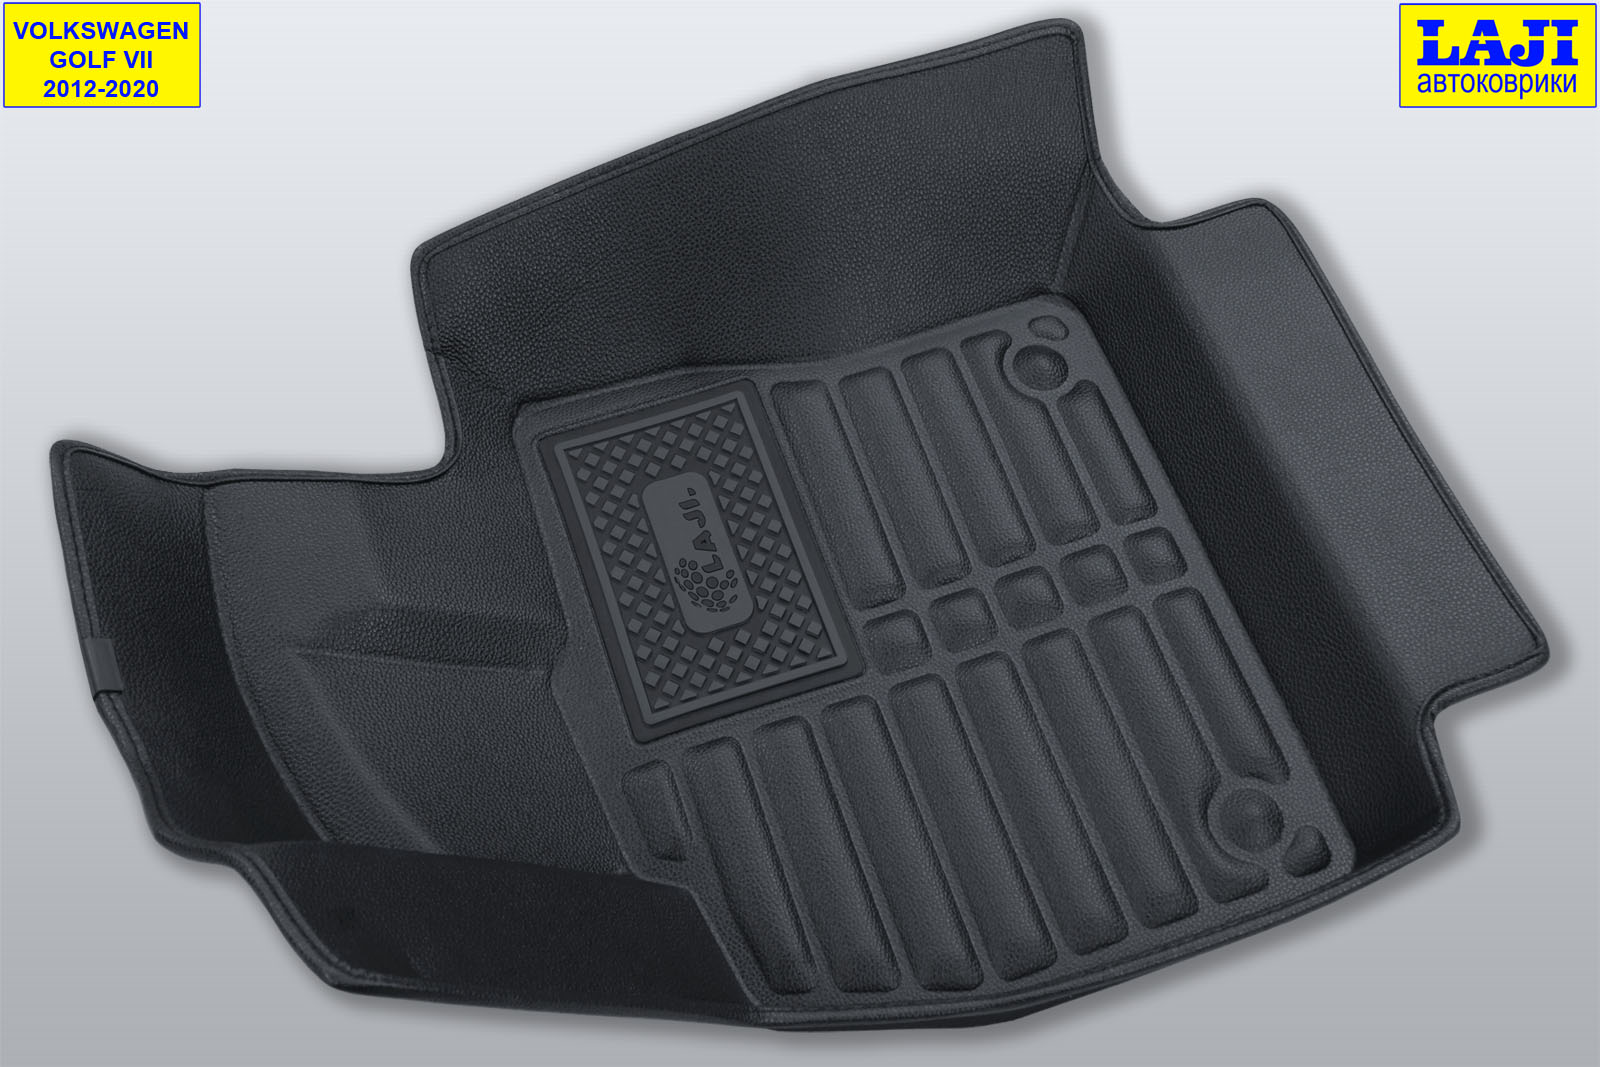 5D коврики в салон Volkswagen Golf 7 2012-2020 3